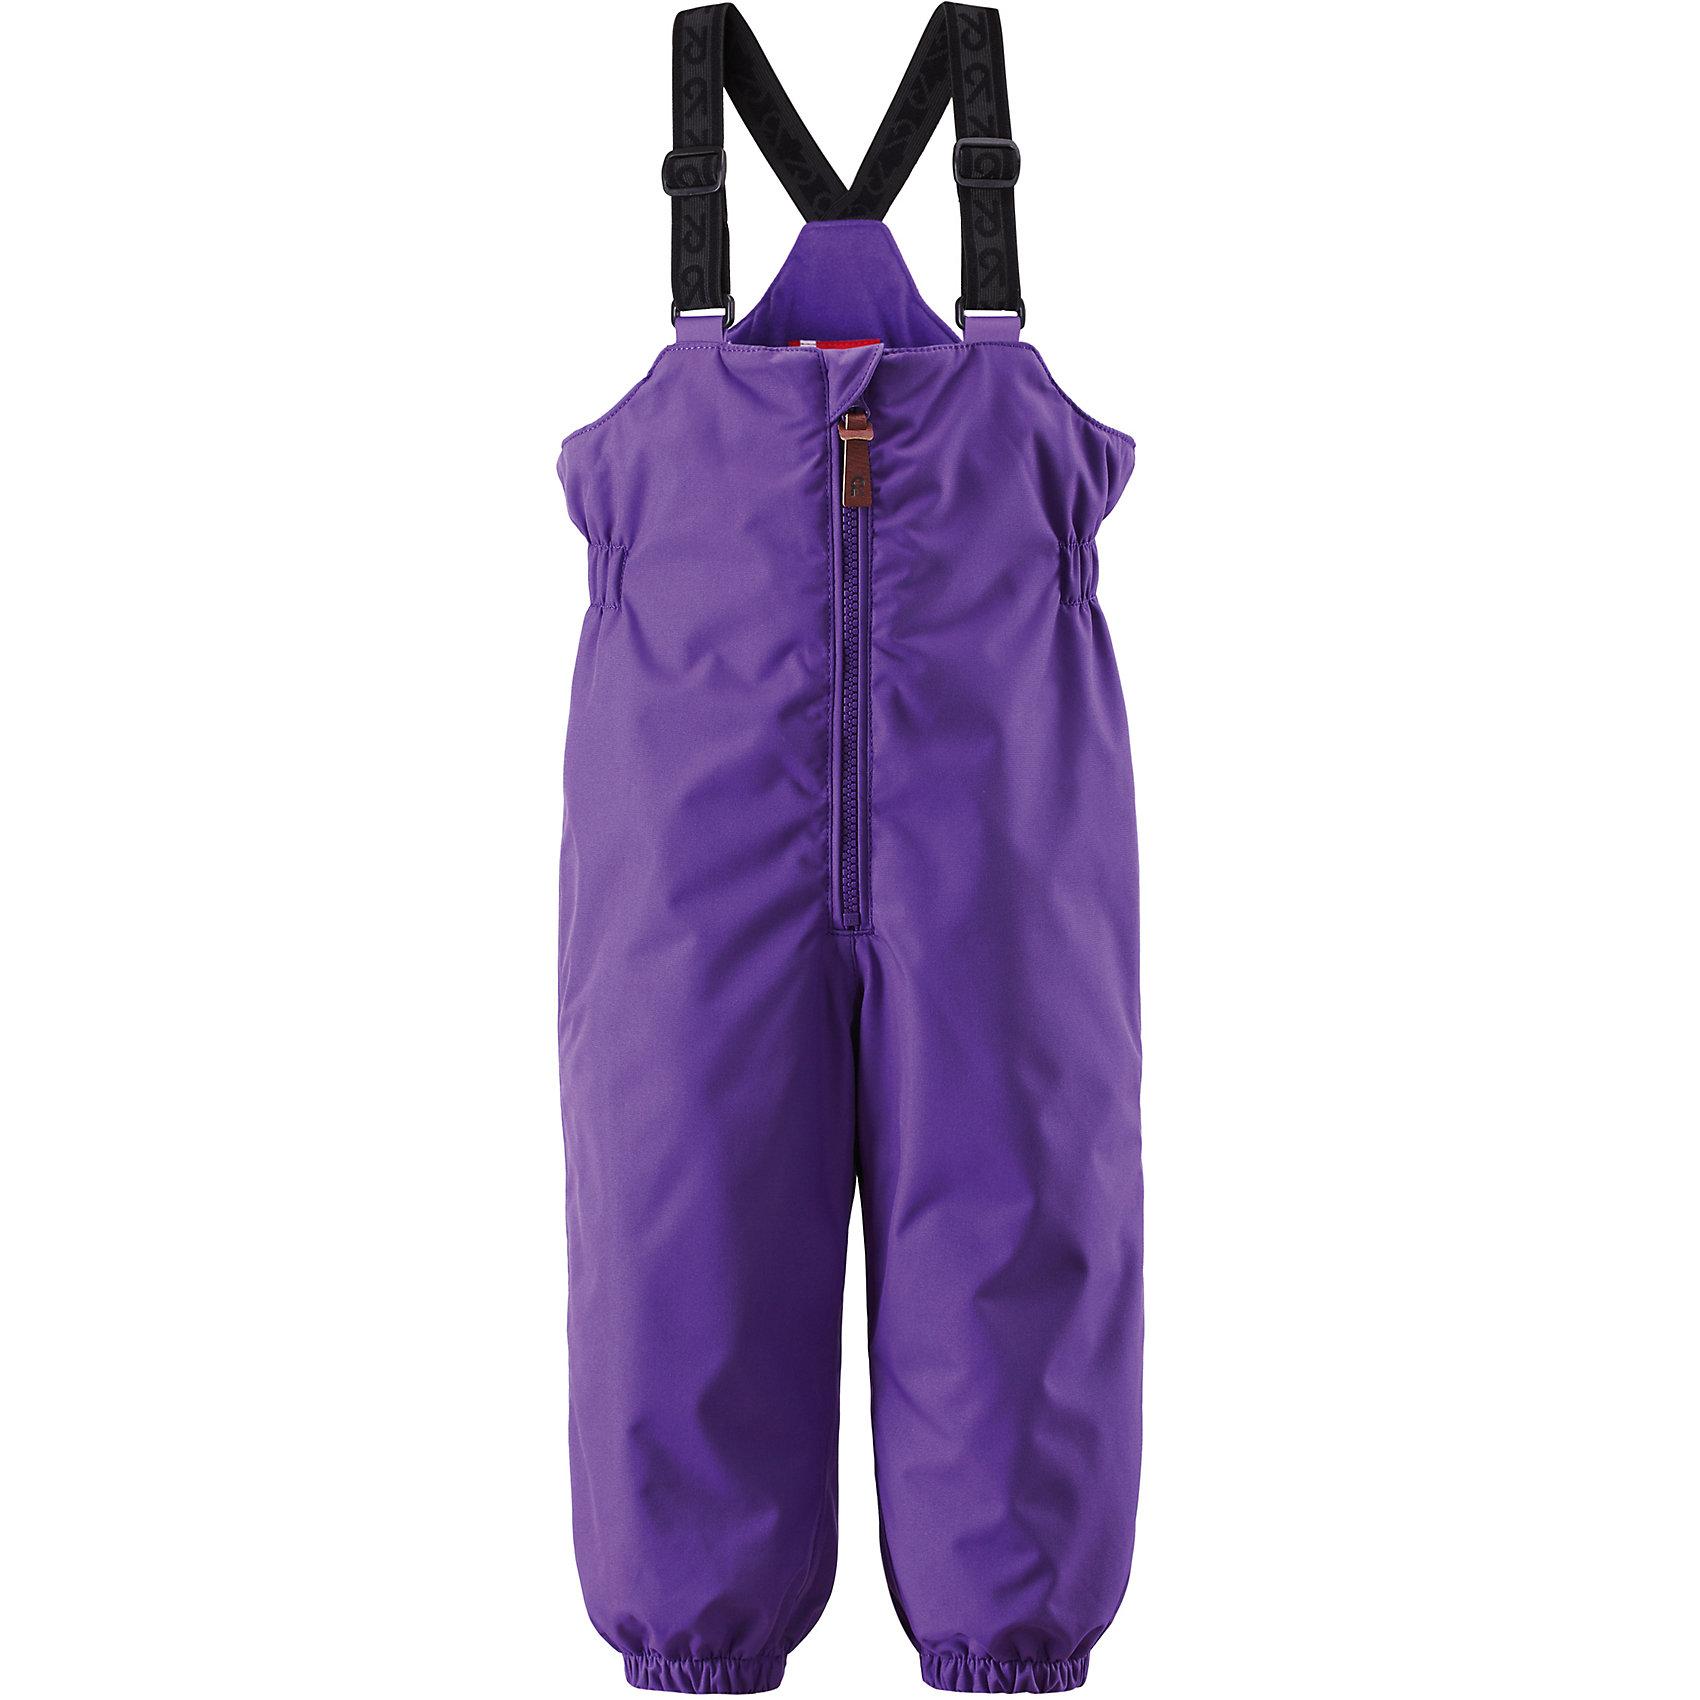 Брюки для девочки ReimaОдежда<br>Эти популярные у малышей брюки из коллекции ORIGINAL от Reima (Рейма) так и зовут повеселиться в зимний денёк! Эти великолепные практичные брюки подходят для всех видов зимнего отдыха на свежем воздухе. Дети не вспотеют играя в водонепроницаемых, пропускающих воздух брюках. Поверхность материала отталкивает воду и грязь. Высокая посадка и регулируемые подтяжки гарантируют, что брюки будут сидеть по фигуре, а длинная молния спереди облегчит процесс одевания. Благодаря дополнительно утеплённой задней части брюк малыши не замёрзнут катаясь на санках и скользя в снегу. Эластичные штрипки удержат концы брючин на своём месте во время прогулки. Эти надёжные брюки теперь можно приобрести в великолепных модных в этом сезоне расцветках! <br><br>Водонепроницаемые зимние брюки для малышей в стиле ORIGINAL<br> Основные швы проклеены, водонепроницаемы<br> Регулируемые подтяжки<br> Длинная молния спереди<br> Дополнительно утеплённая задняя часть брюк<br> Съёмные эластичные штрипки<br>Состав:<br>100% ПЭ, ПУ-покрытие<br>Средняя степень утепления (до - 20)<br><br>Брюки Reima (Рейма) можно купить в нашем магазине.<br><br>Ширина мм: 215<br>Глубина мм: 88<br>Высота мм: 191<br>Вес г: 336<br>Цвет: фиолетовый<br>Возраст от месяцев: 6<br>Возраст до месяцев: 9<br>Пол: Женский<br>Возраст: Детский<br>Размер: 74,98,92,86,80<br>SKU: 4208215